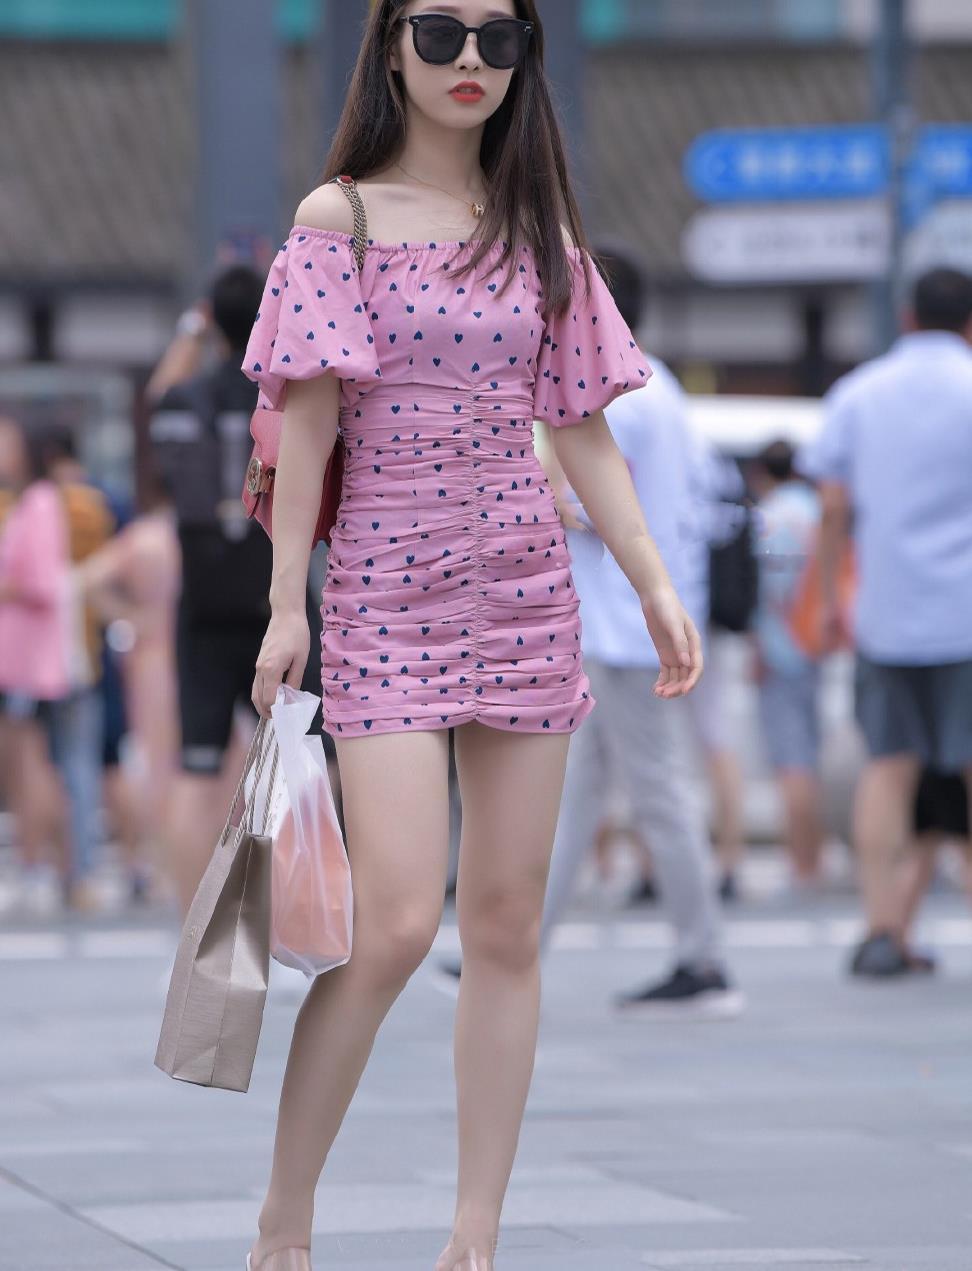 年轻女孩的穿搭秘籍,波点连衣短裙+凉鞋,简约清爽,时髦好看!